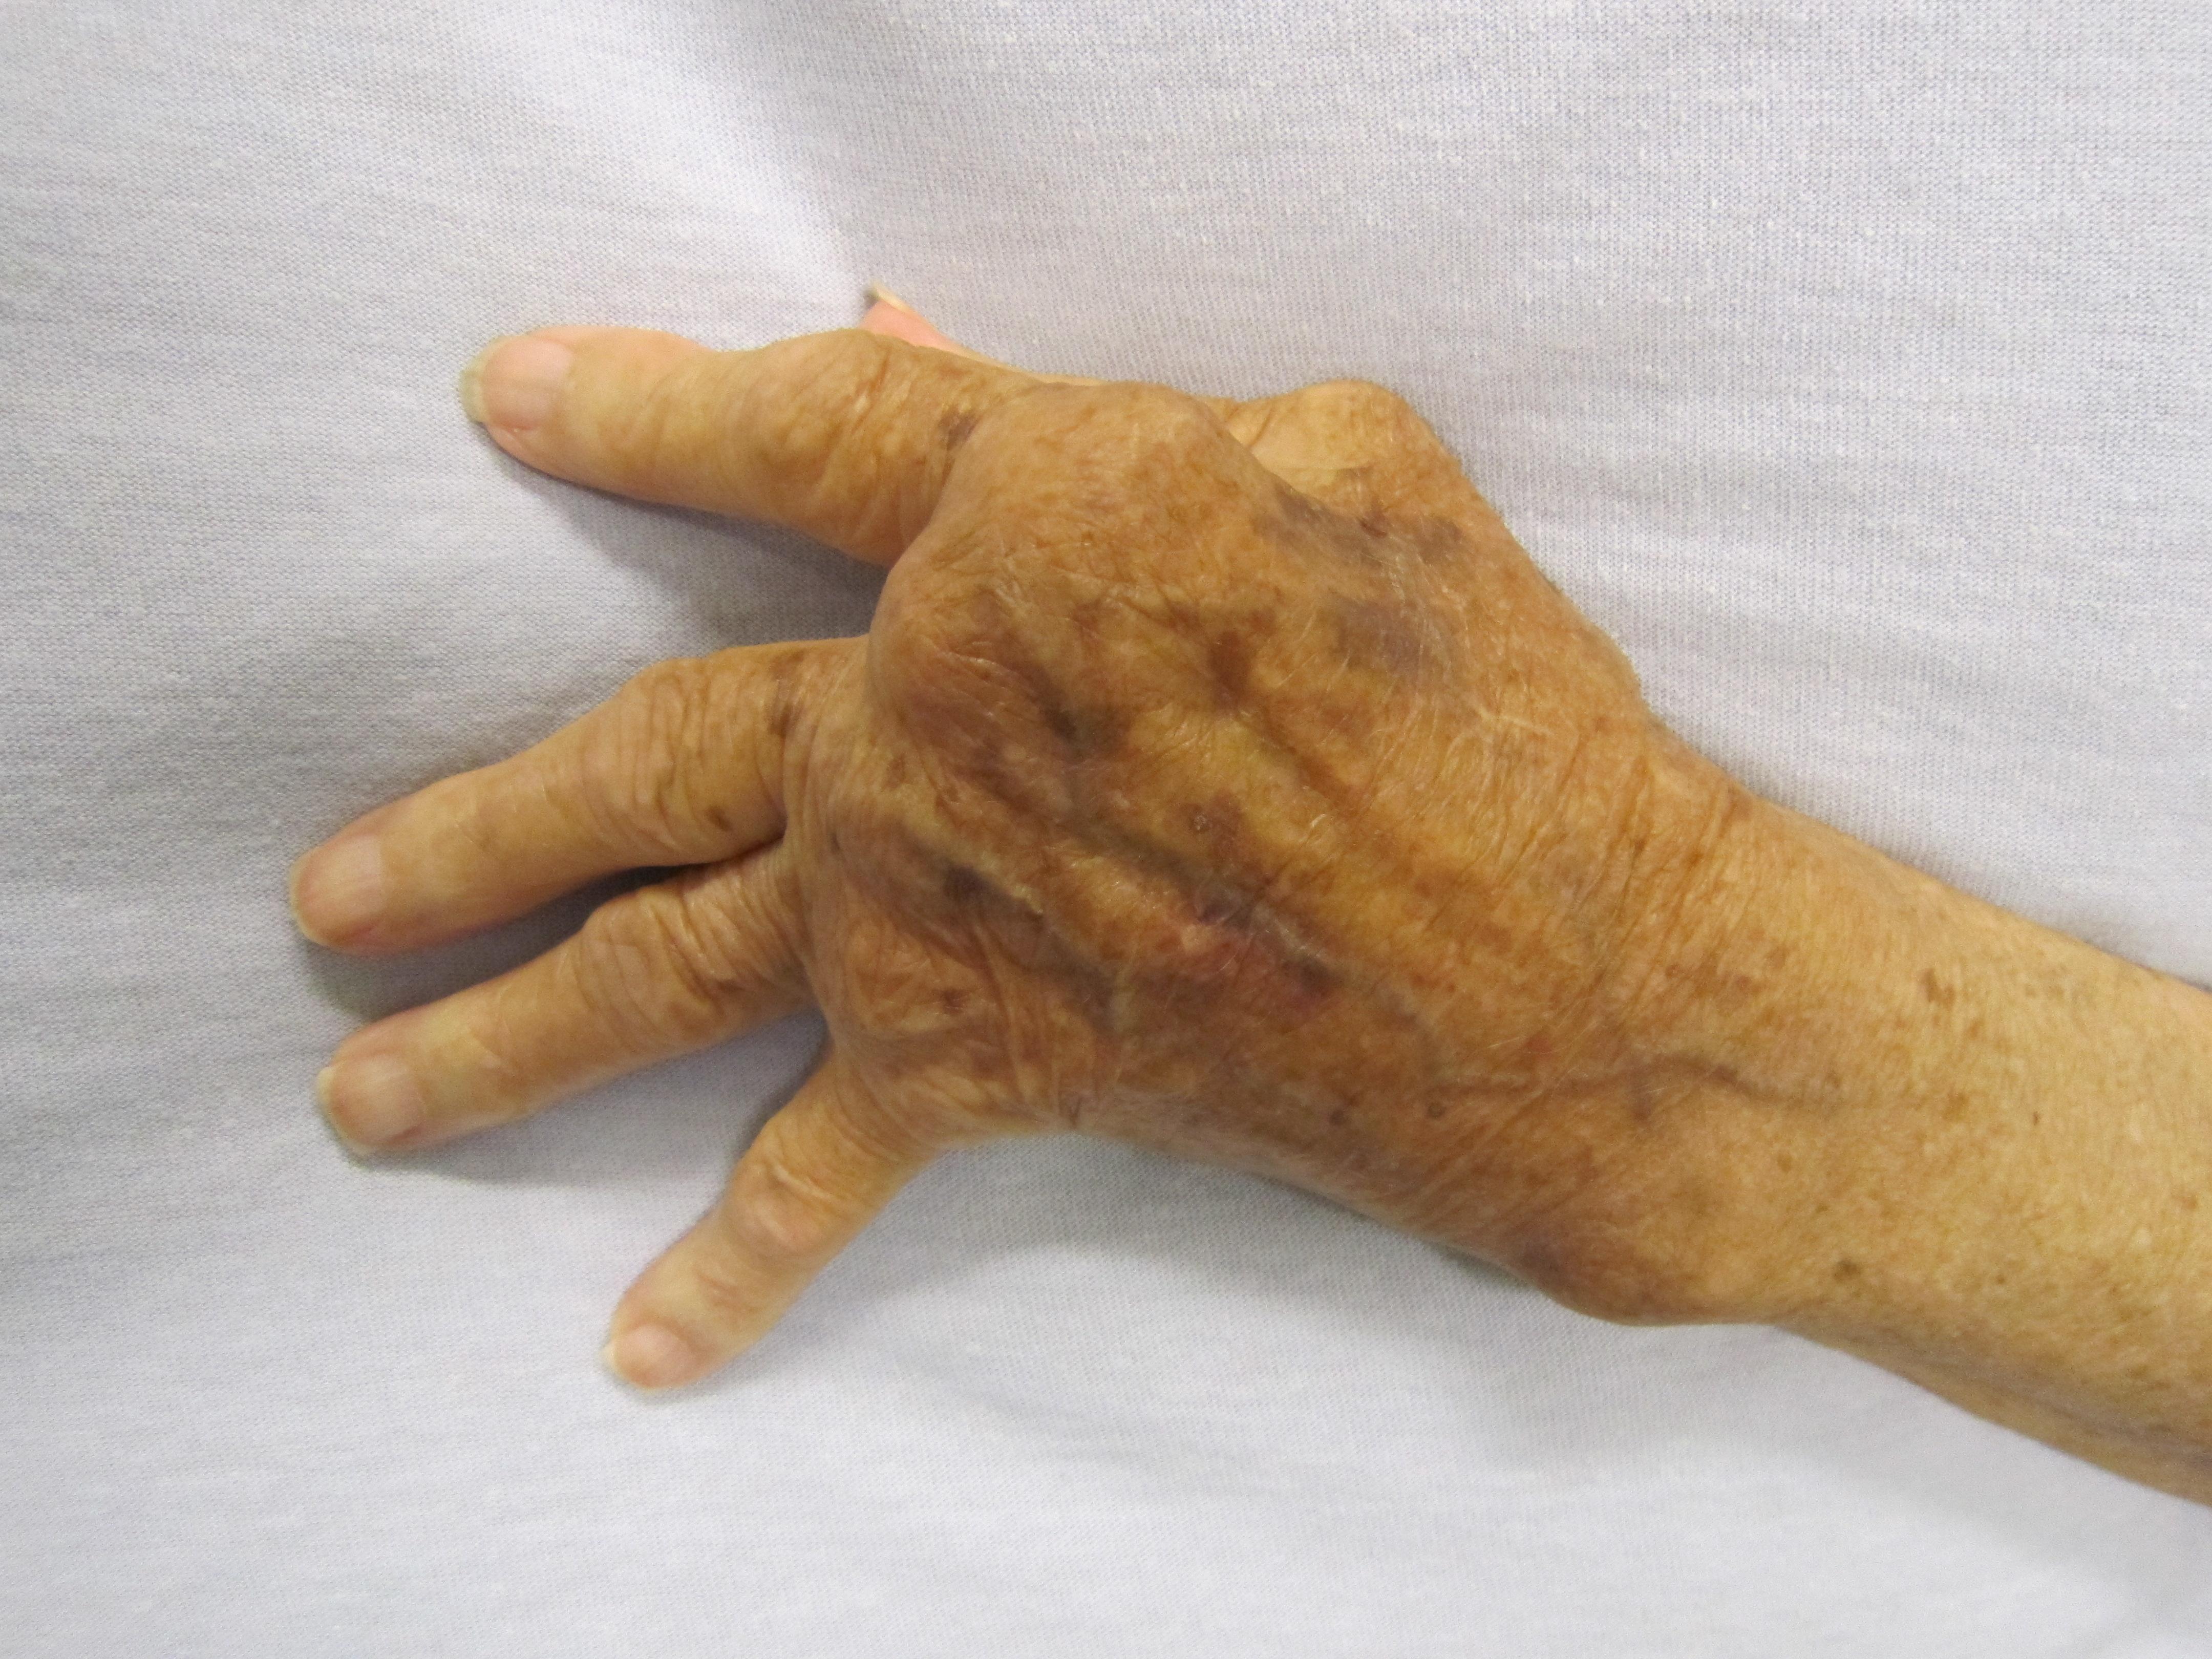 mi gyógyítja a láb és a kéz ízületeit az ízületek ropognak és fáj, mi az